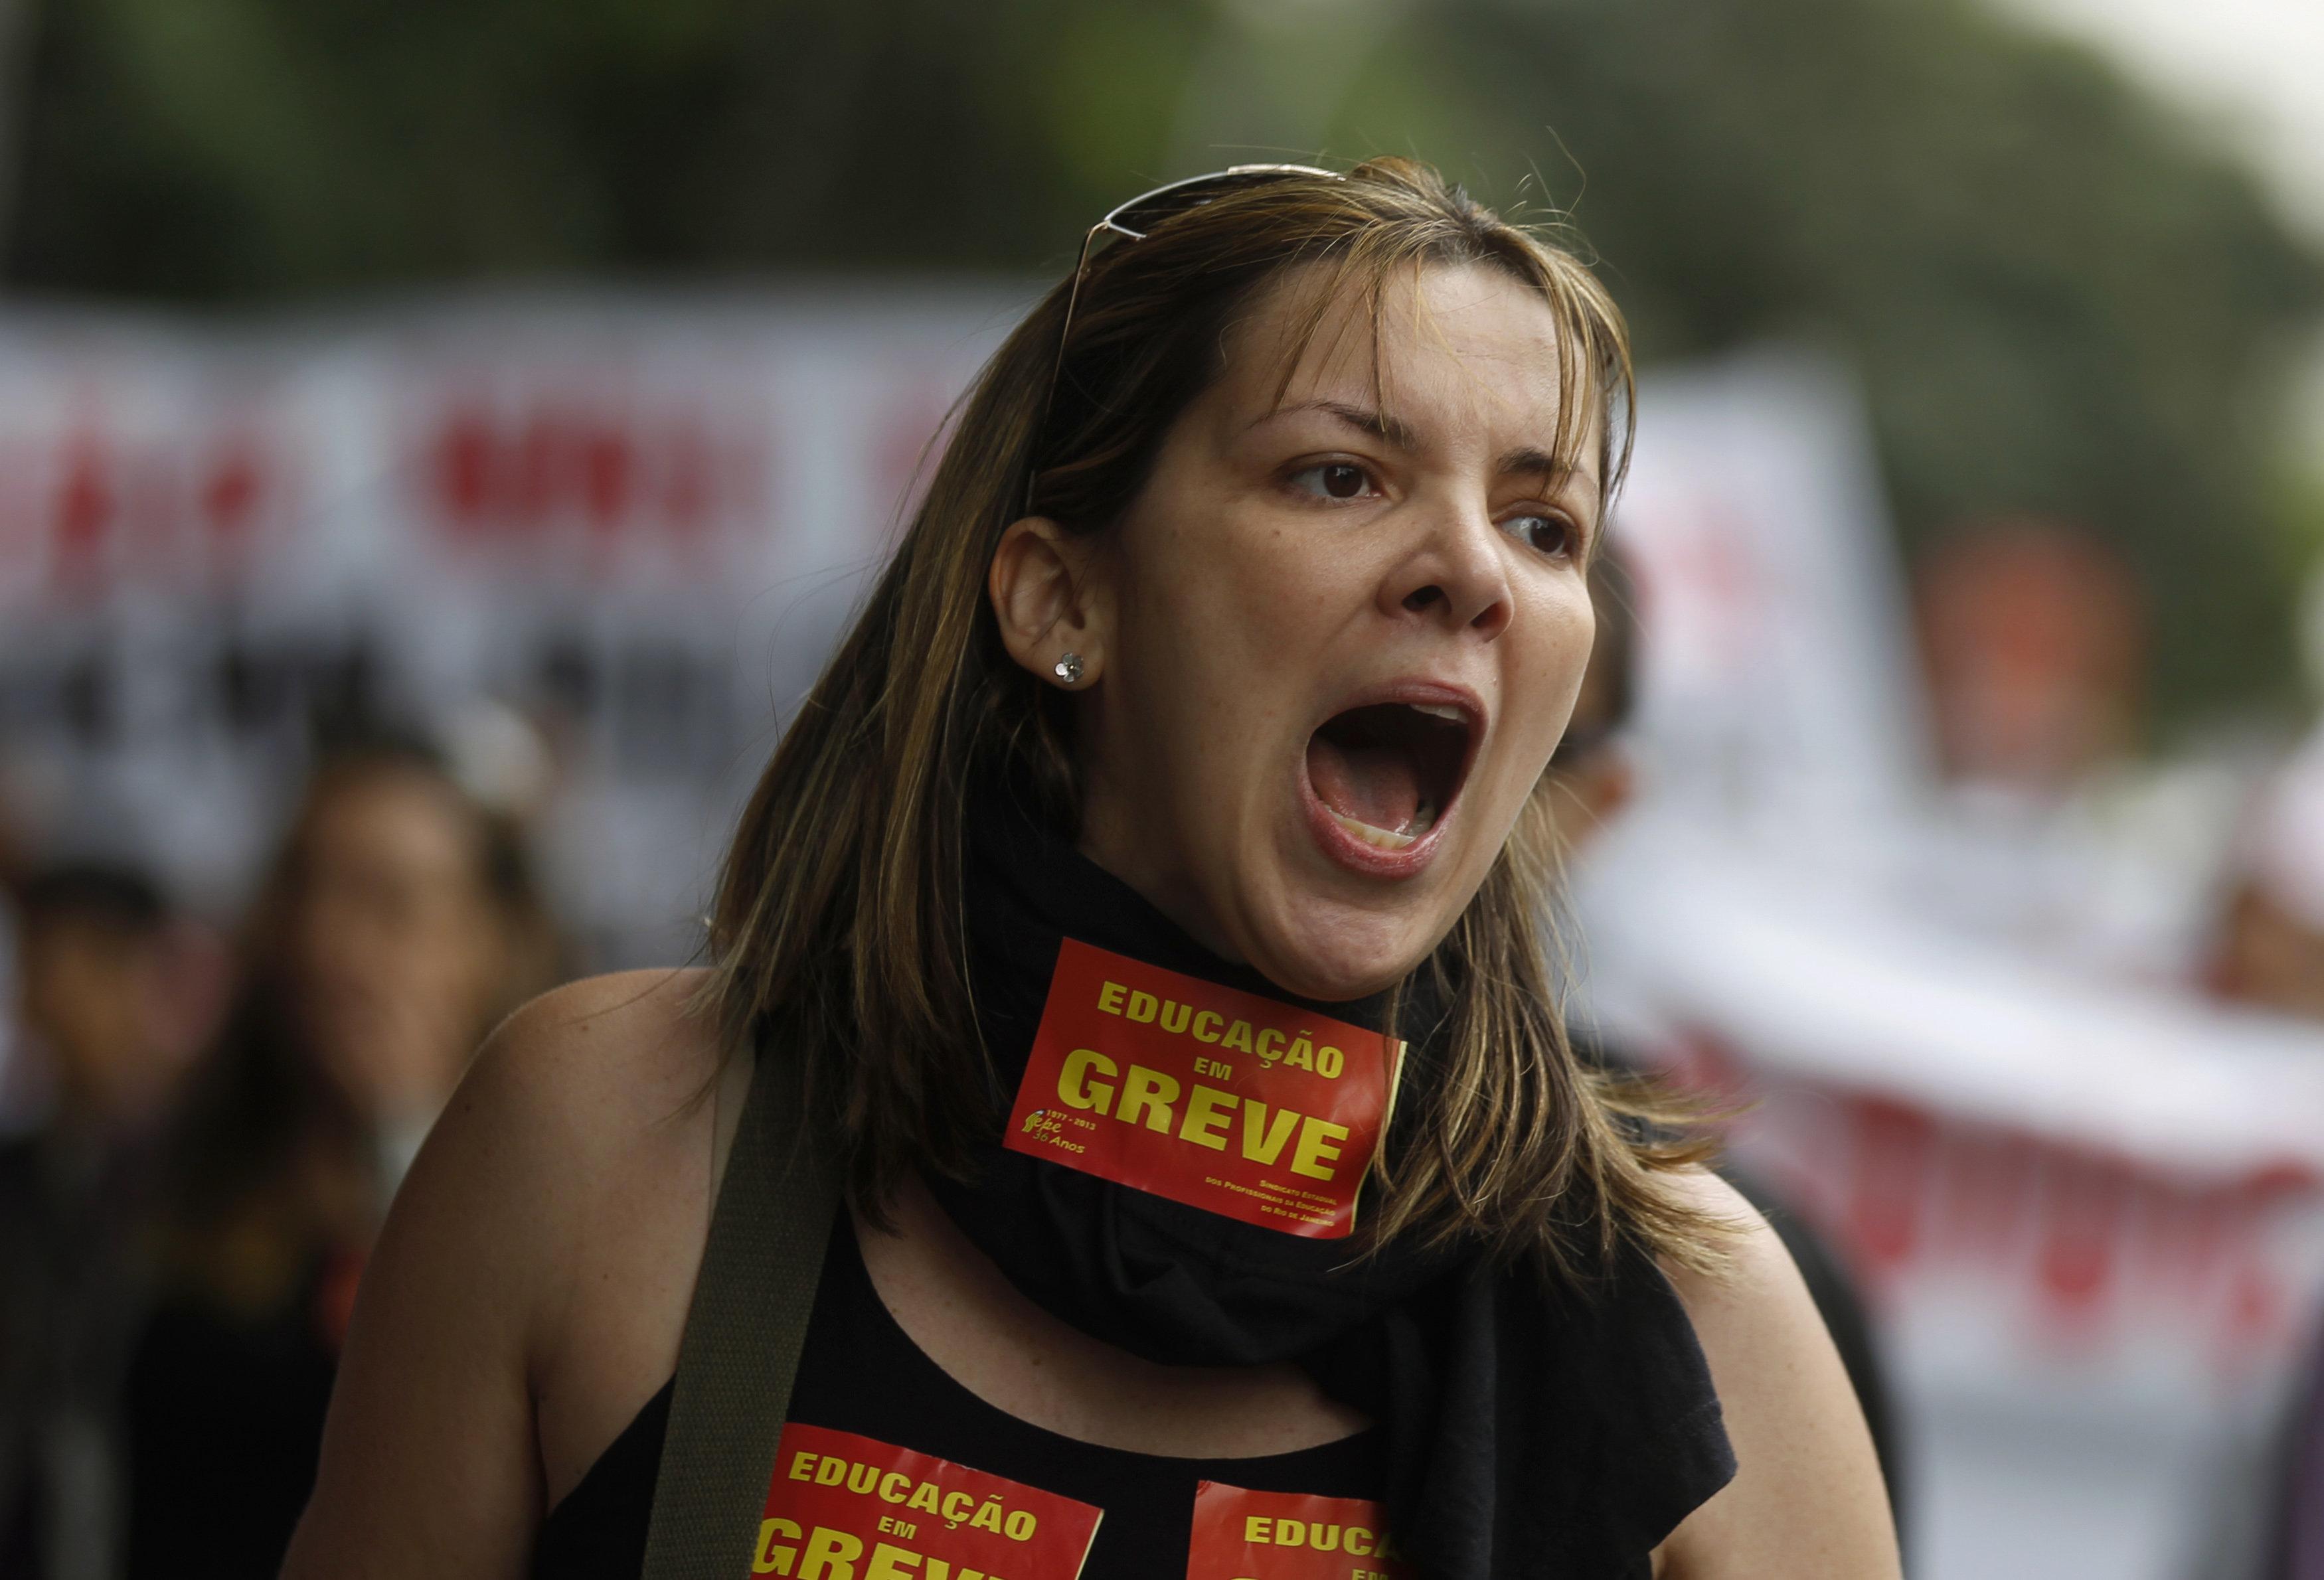 Mudança na aposentadoria para professores, que iguala homens e mulheres, revolta